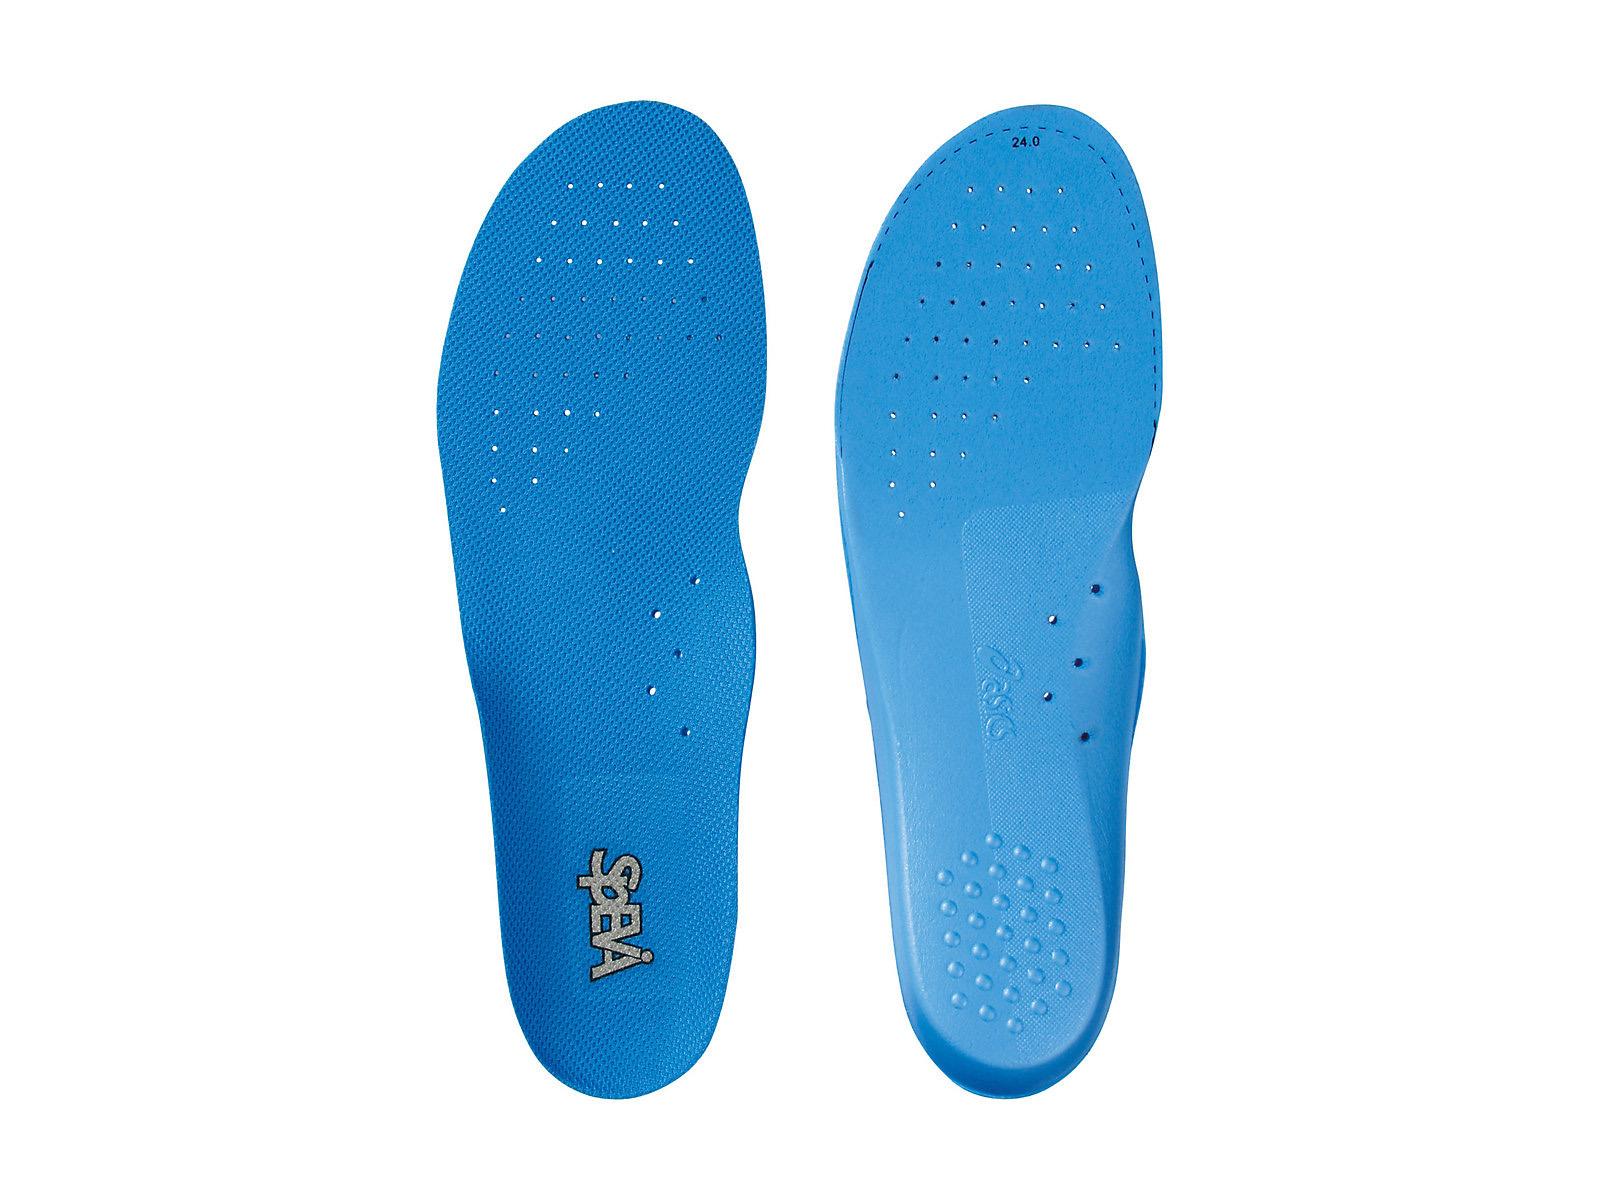 送料無料 あす楽 人気海外一番 即納 激安通販販売 asics アシックス バスケットボール ジュニアSpEVA 3D中敷 メンズ スニーカー TIZ105 子供用 {NP} キッズ レディース 運動靴 小学生 インソール